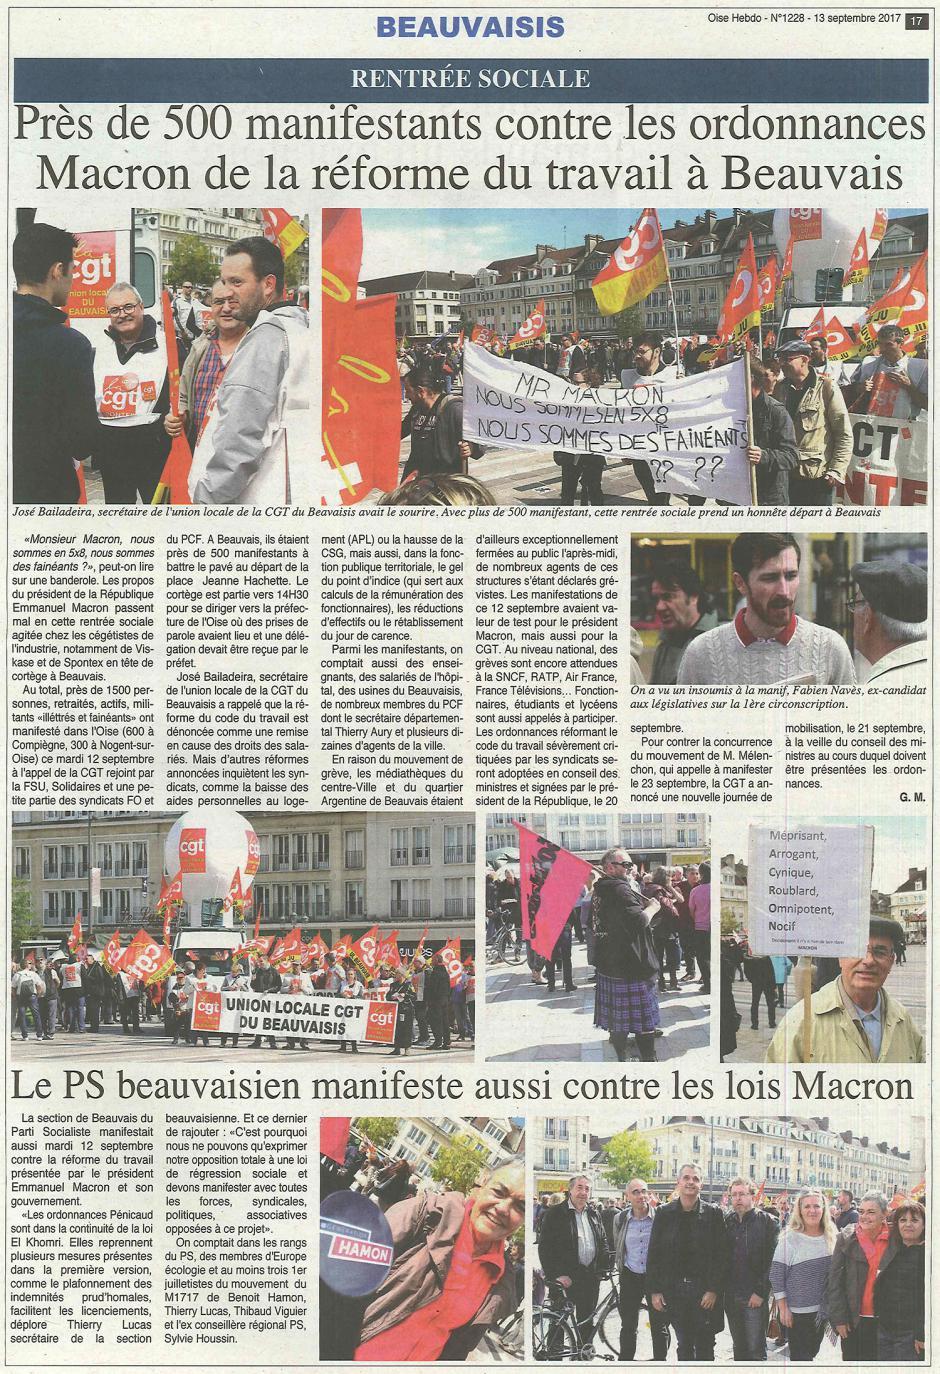 20170913-OH-Beauvais-Près de 500 manifestants contre les ordonnances Macron de la réforme du travail